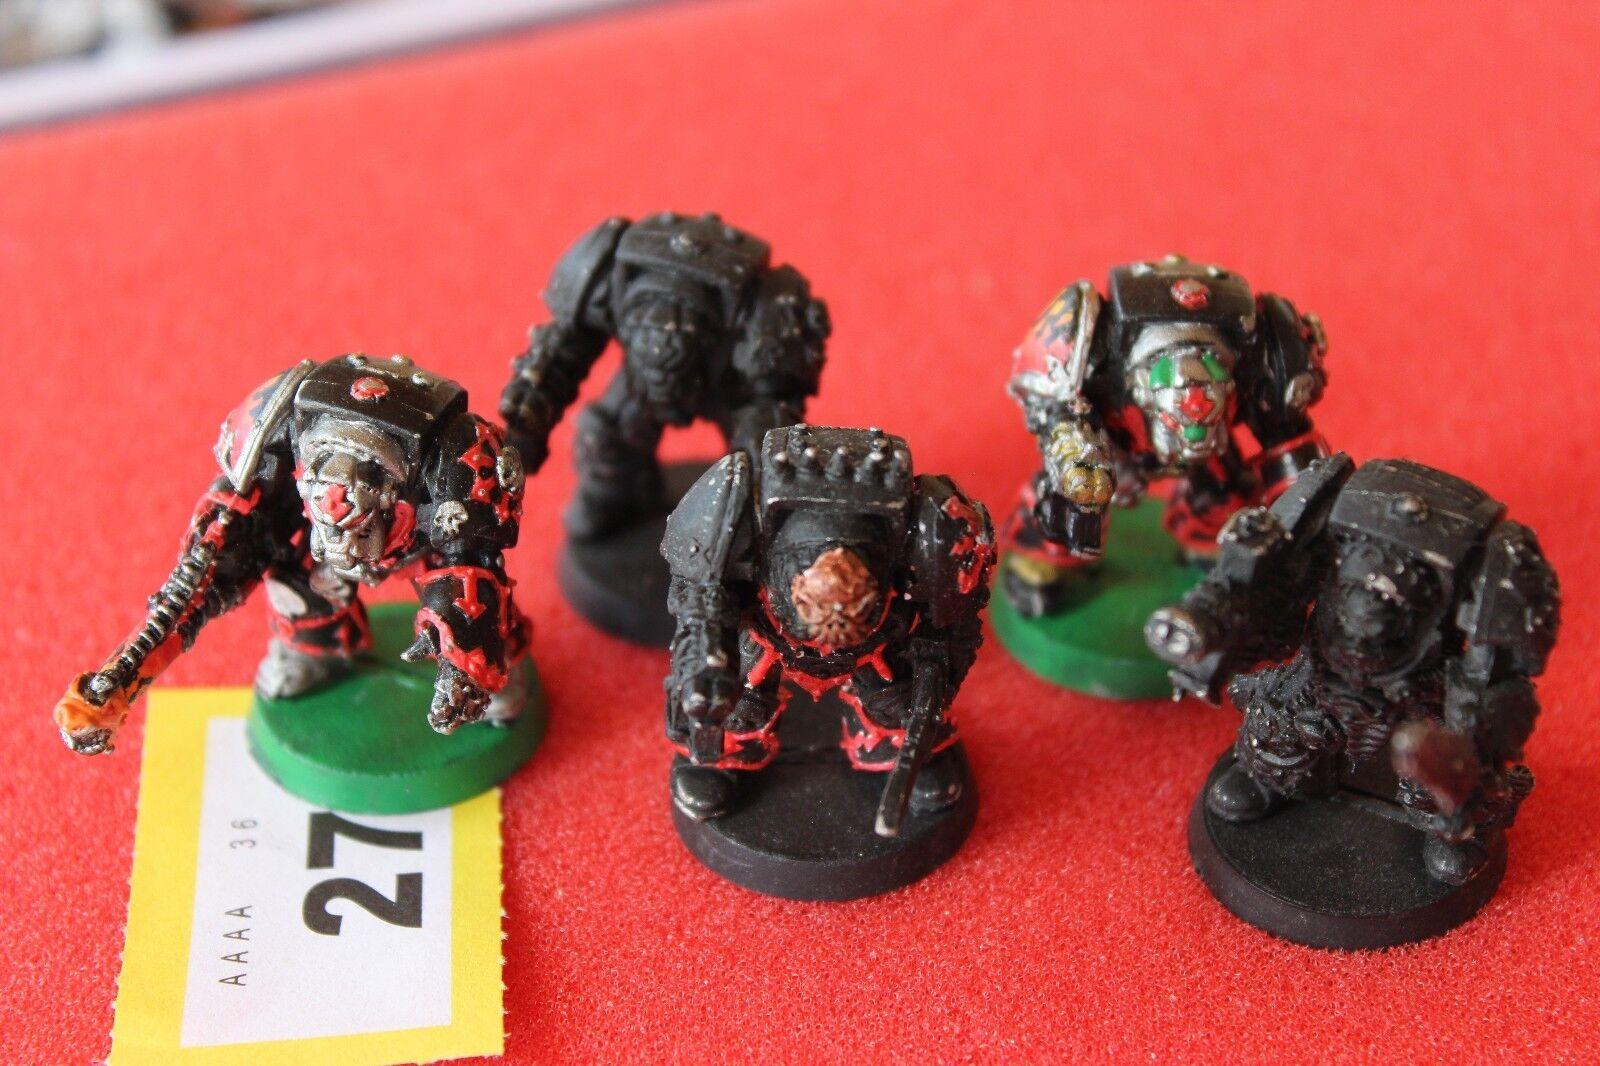 Juegos taller Warhammer 40k Rogue Trader caos marines espaciales Terminadores Squad